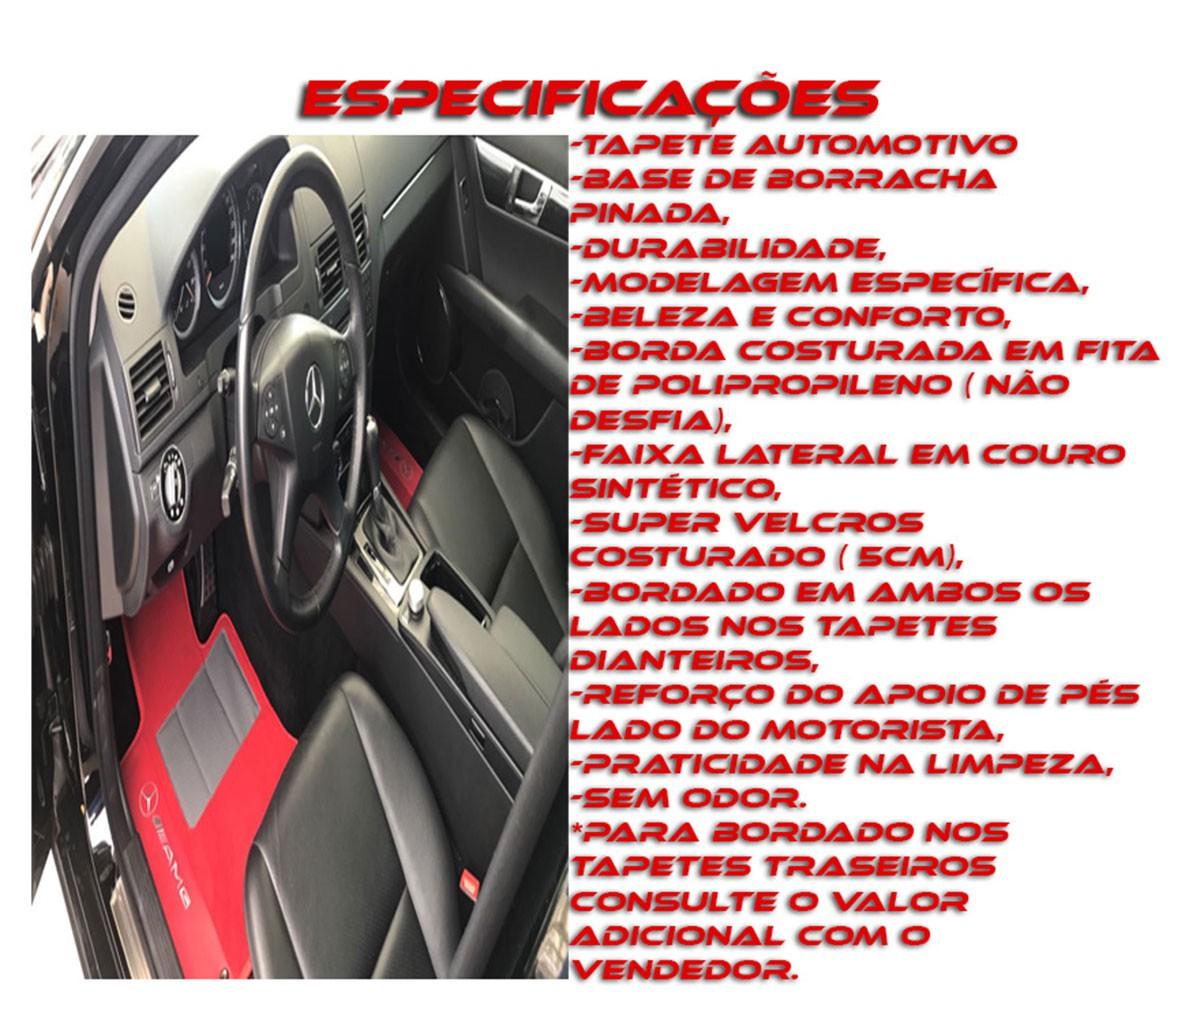 Tapete Volvo Xc 60 Borracha Bege Com Base Pinada Hitto